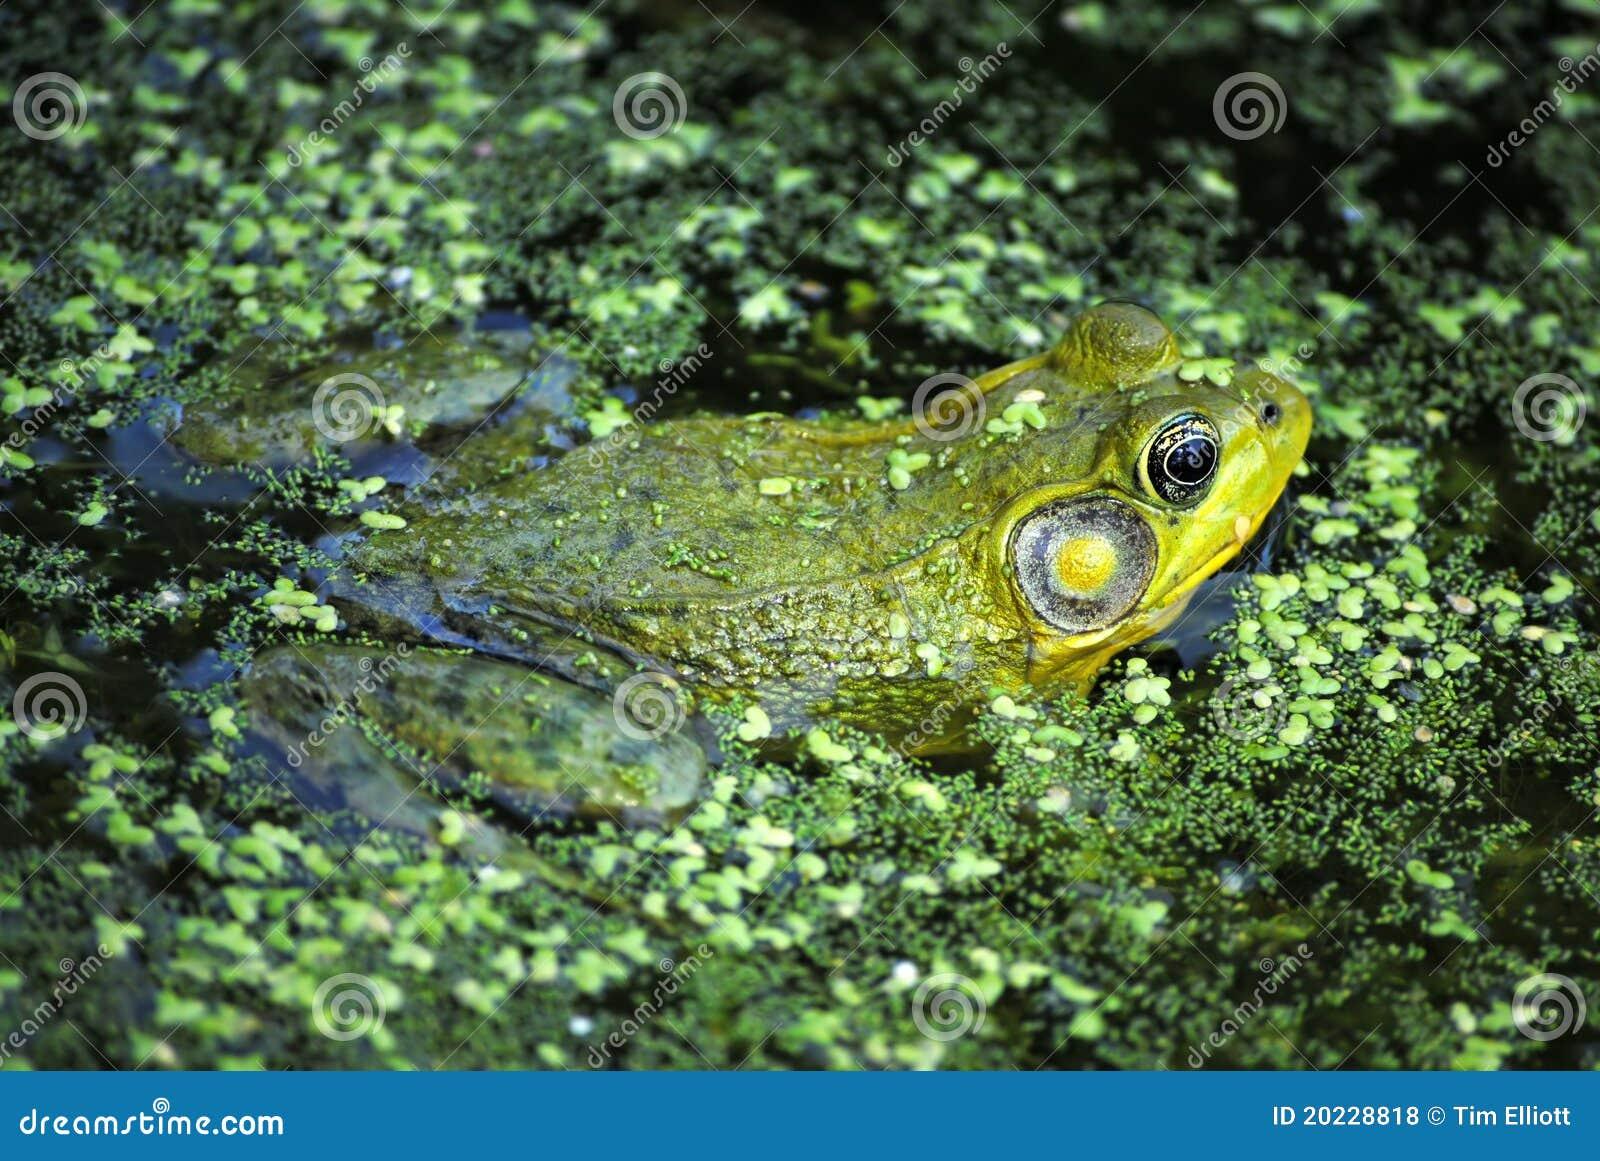 Northern Leopard Frog,Rana pipiens